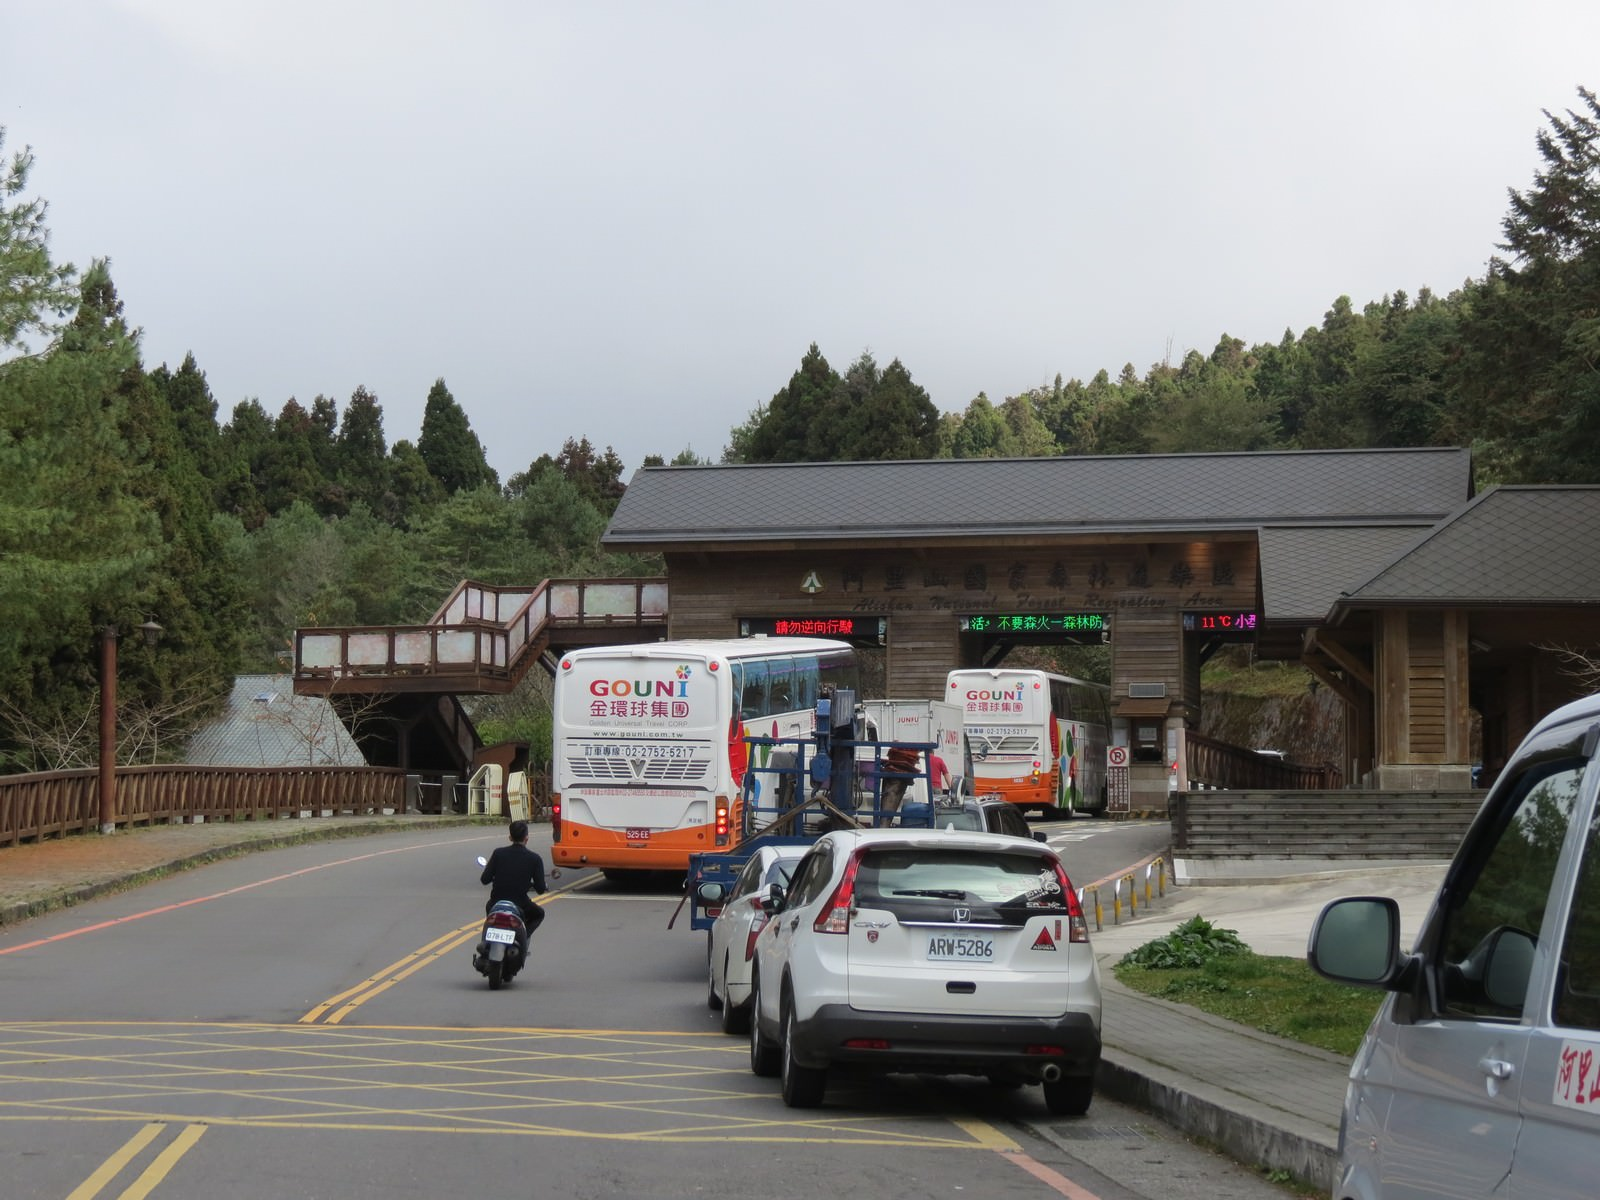 阿里山國家風景區, 大眾運輸交通介紹, 阿里山國家森林遊樂園收票口